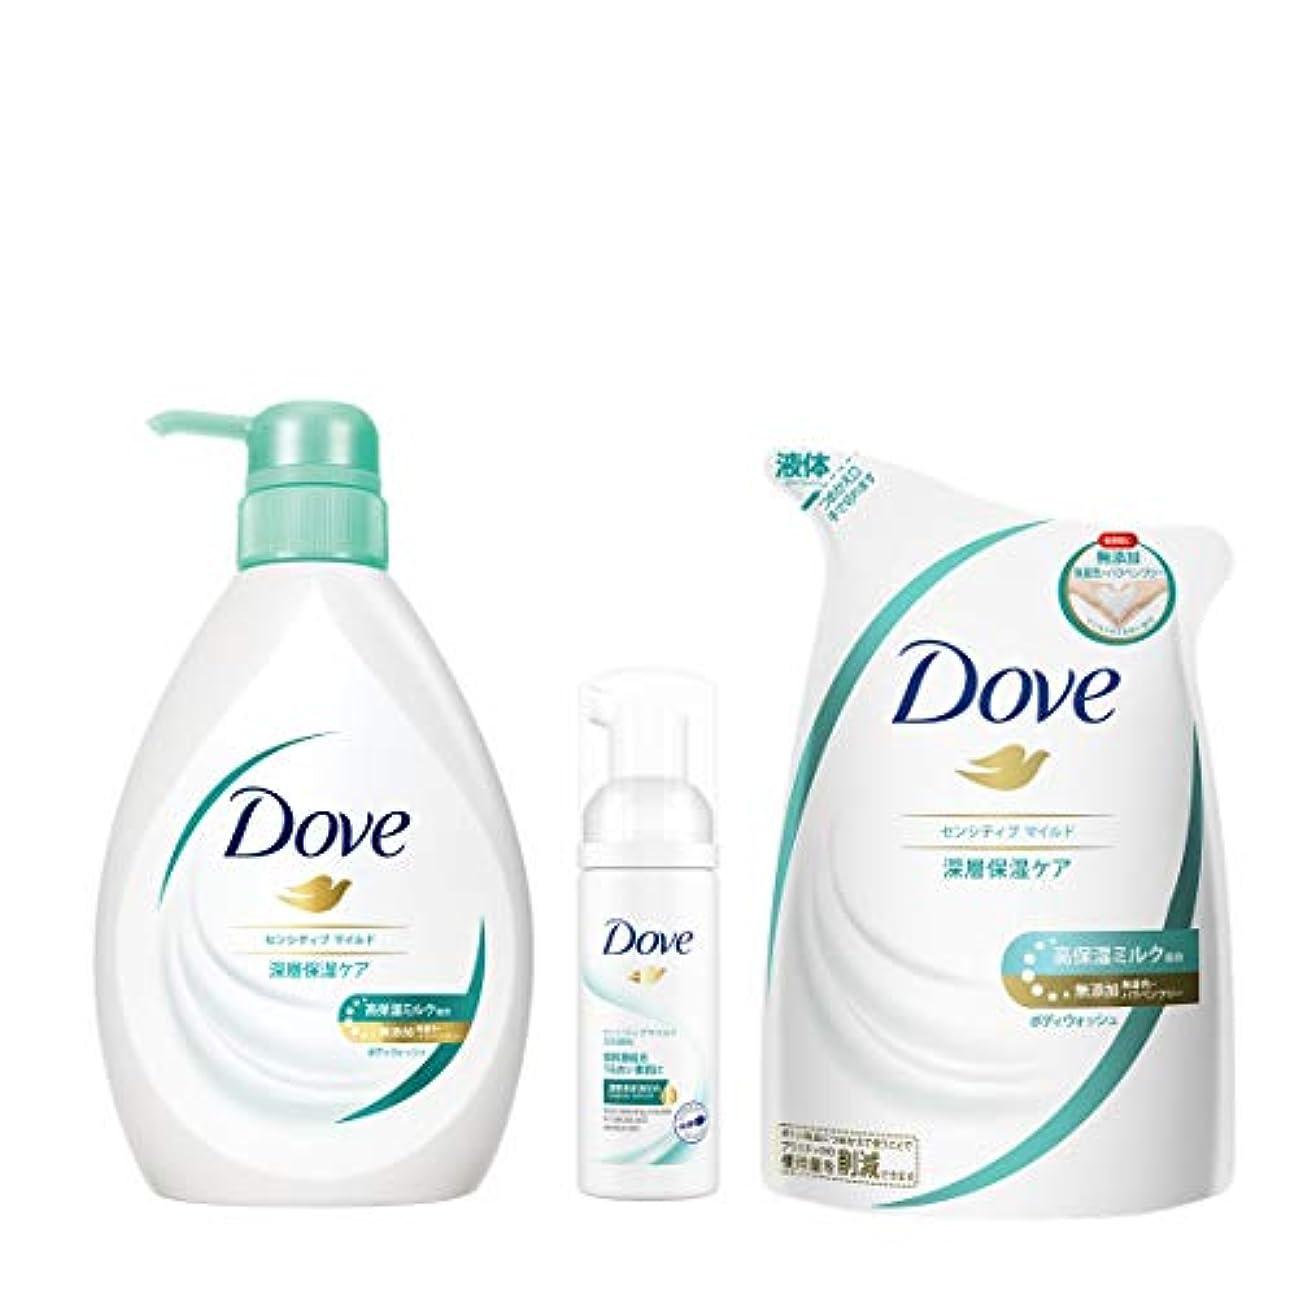 果てしないコンバーチブルゴネリル【Amazon.co.jp限定】 Dove(ダヴ) ダヴBWセンシティブマイルド ポンプ+替え+おまけ ボディソープ 500g+360+おまけ付